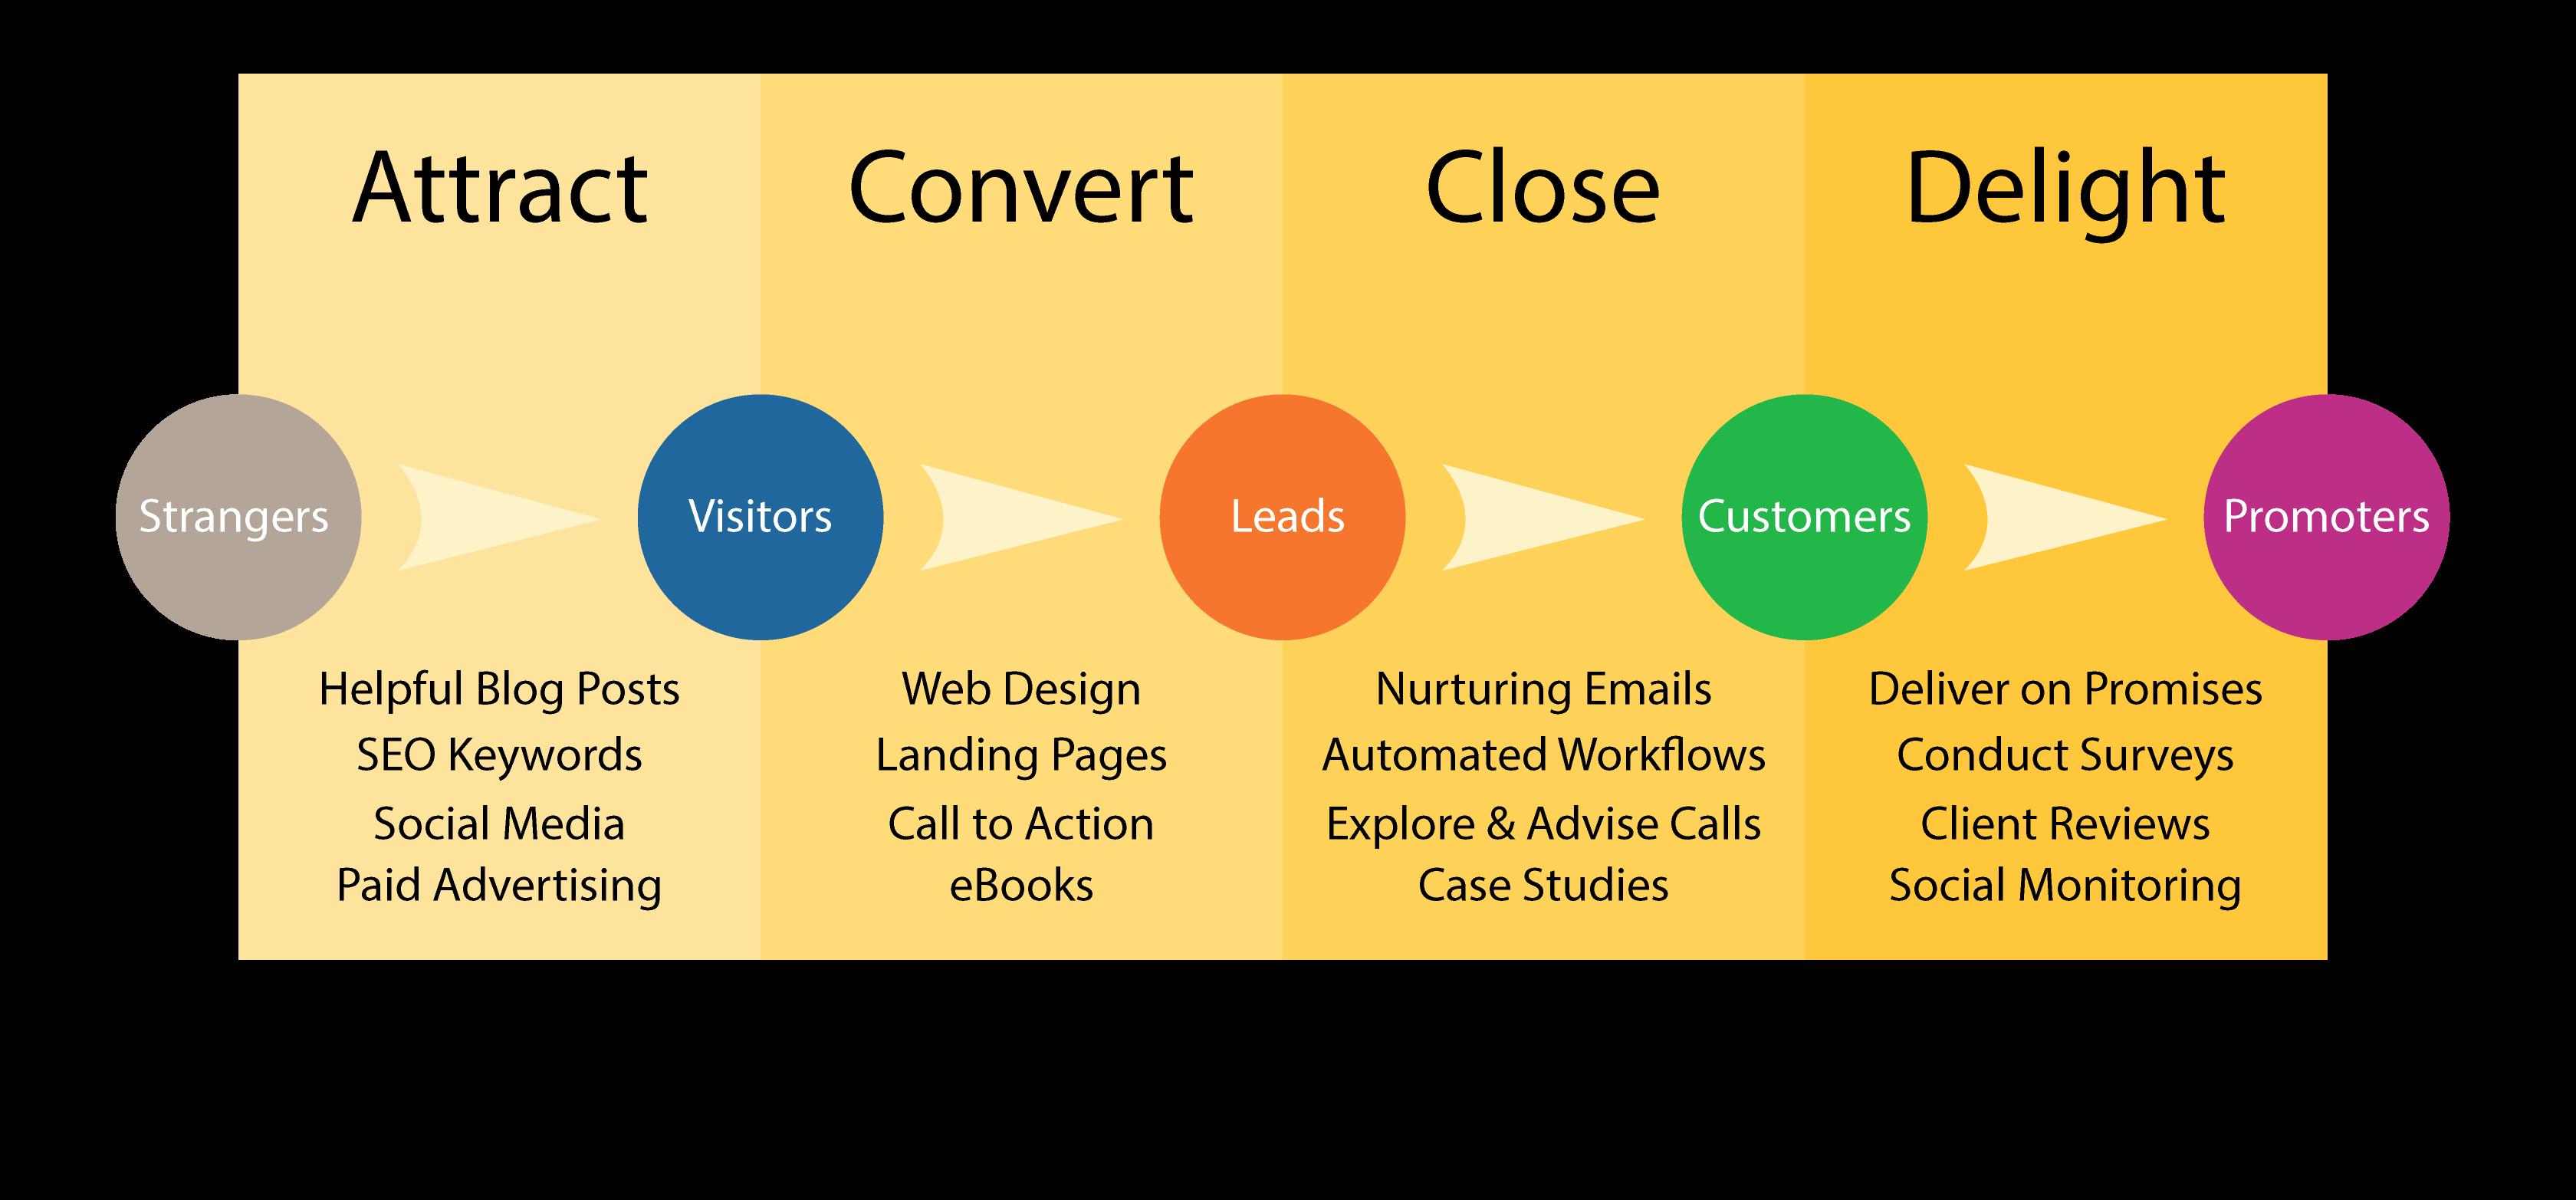 i5-inbound-marketing-methodology